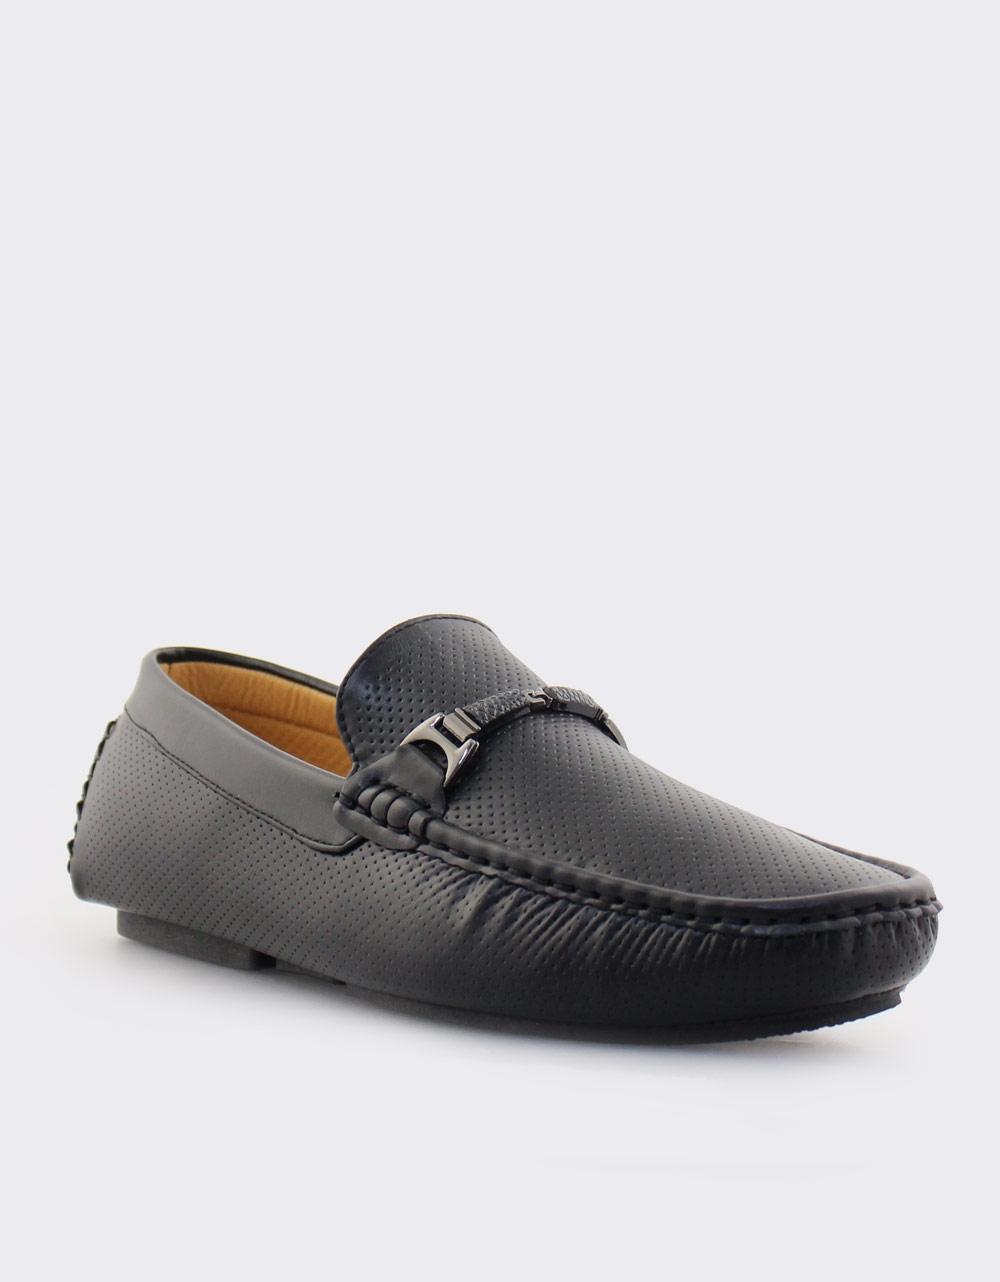 Εικόνα από Ανδρικά loafers με λεπτομέρειες Μαύρο